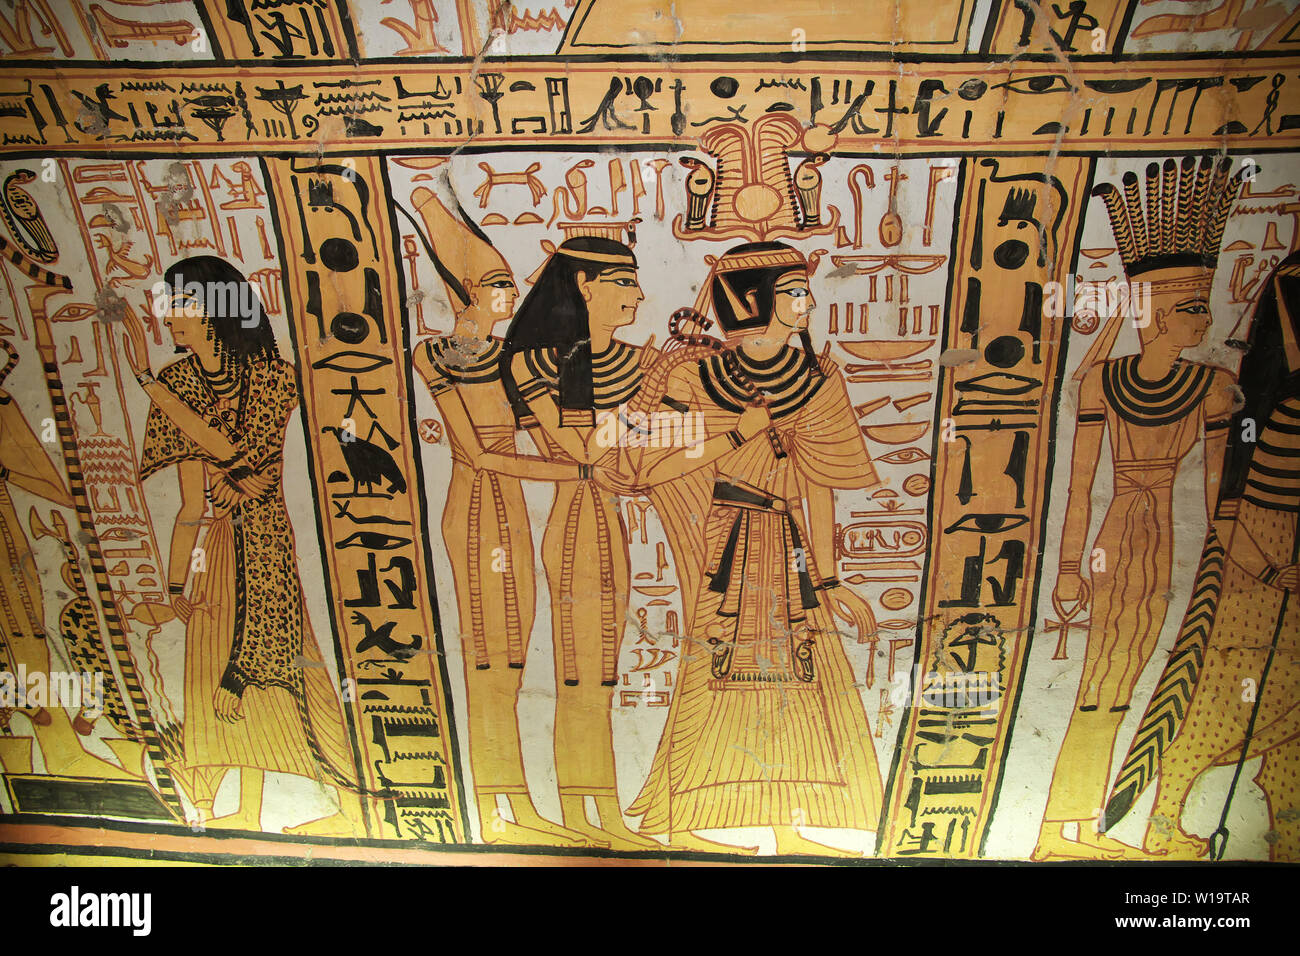 Luxor Egipto 28 Feb 2017 Los Frescos De La Antigua